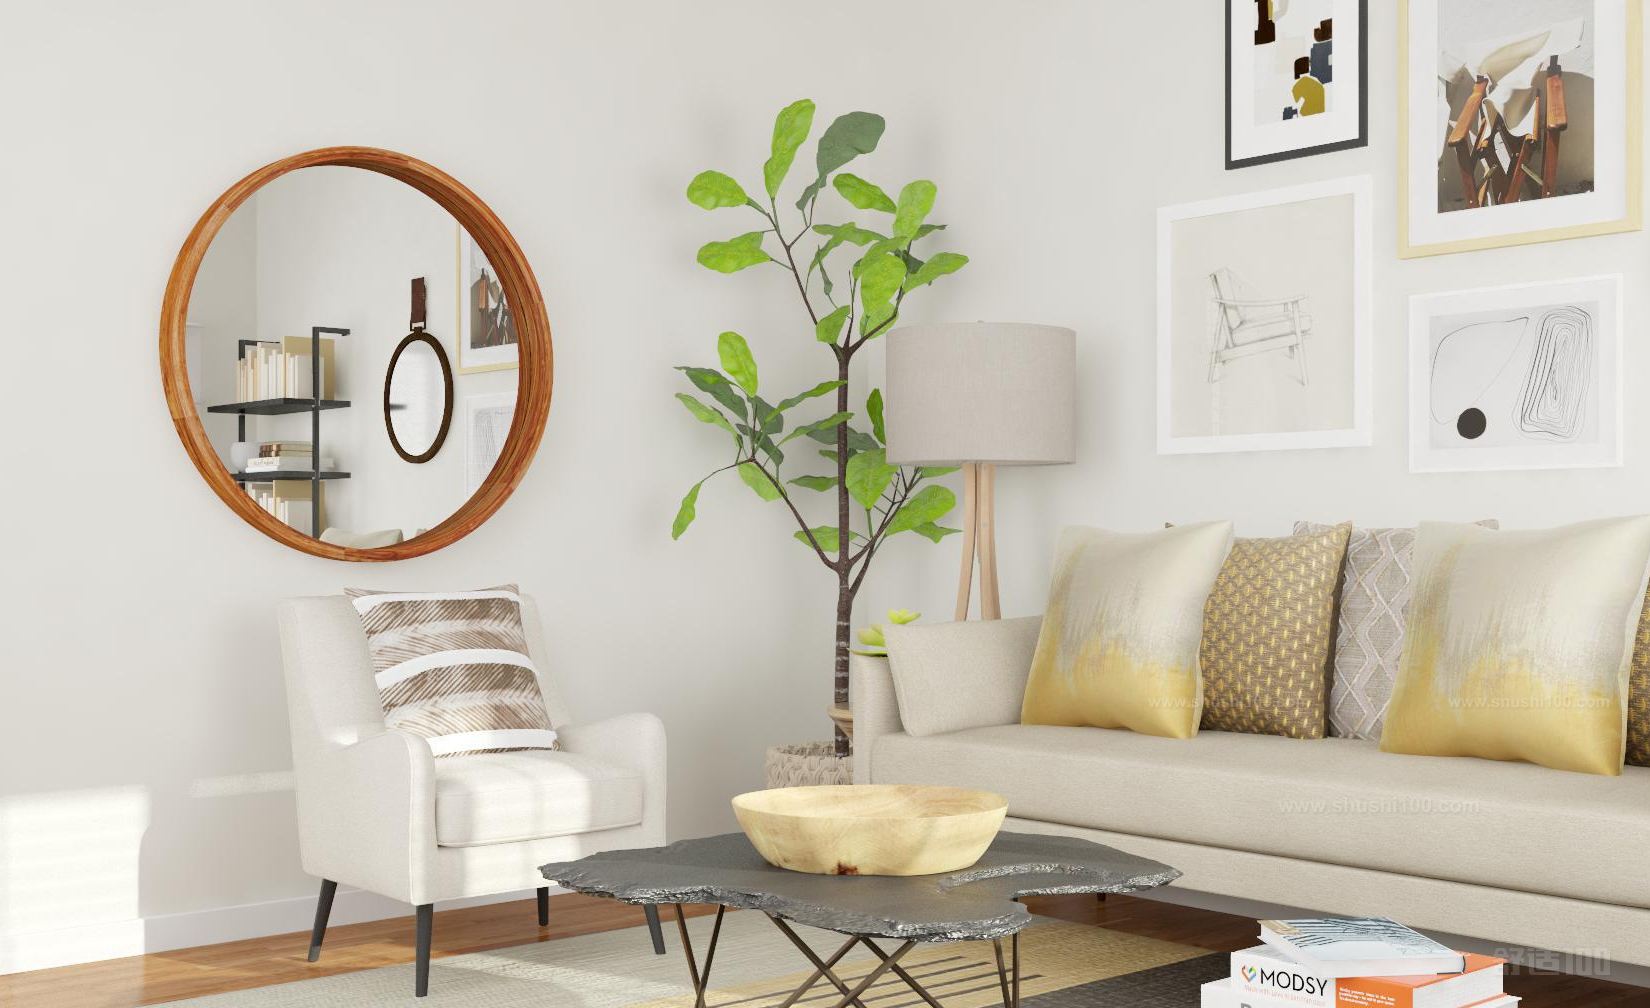 为了保持室内空气清新无污染,住宅新风逐渐成为室内标配。